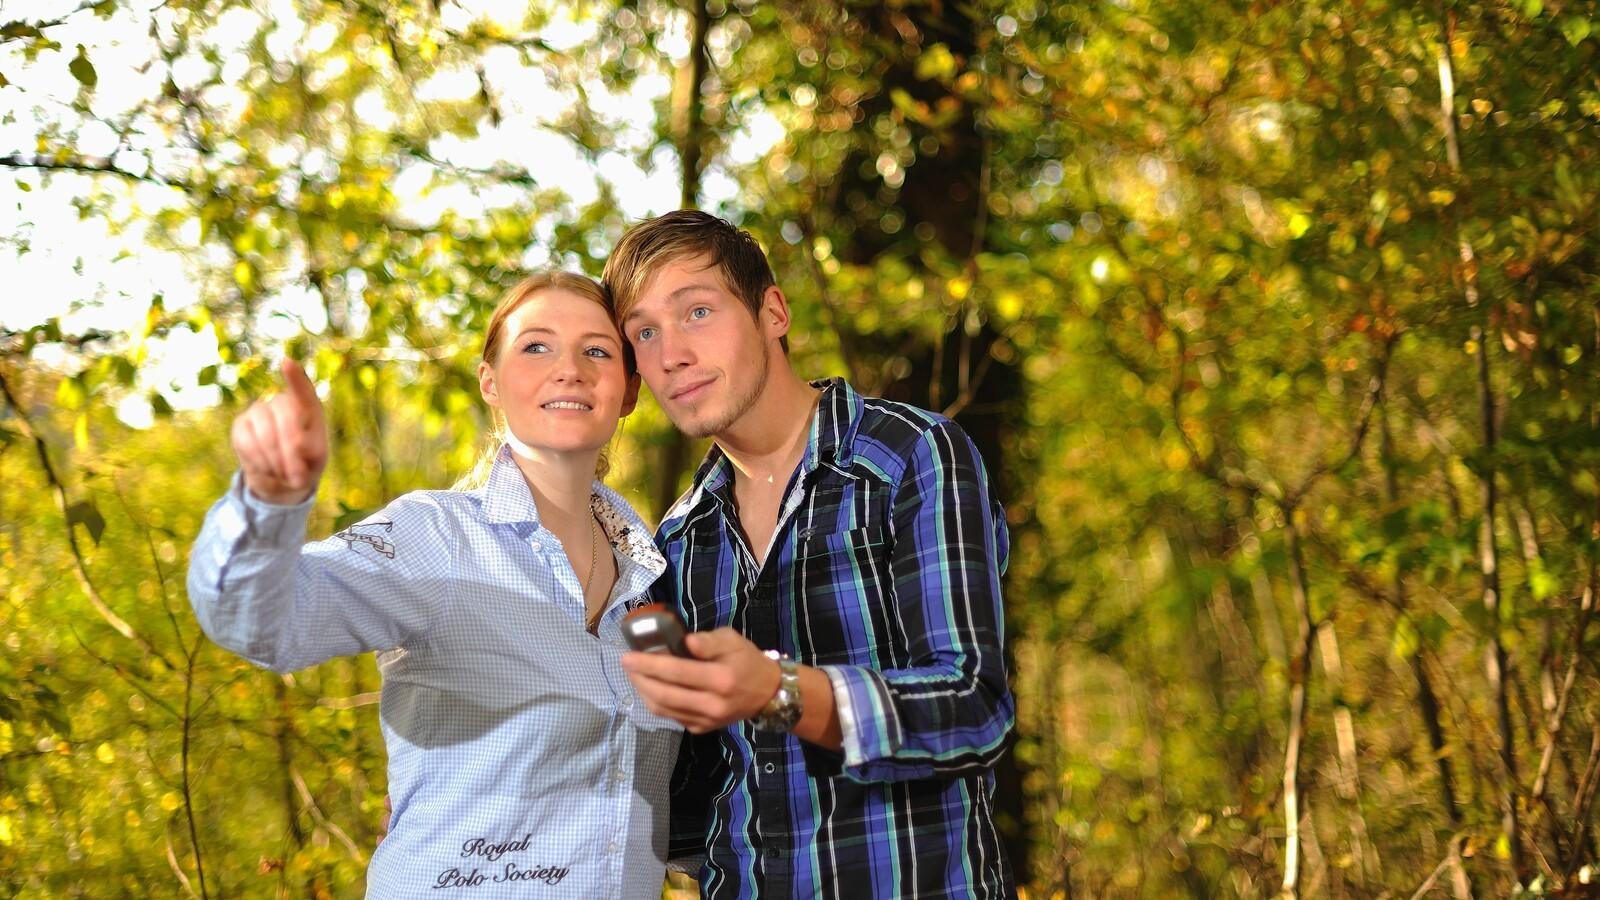 Mann und Frau mit GPS-Gerät halten Ausschau nach einen Cache